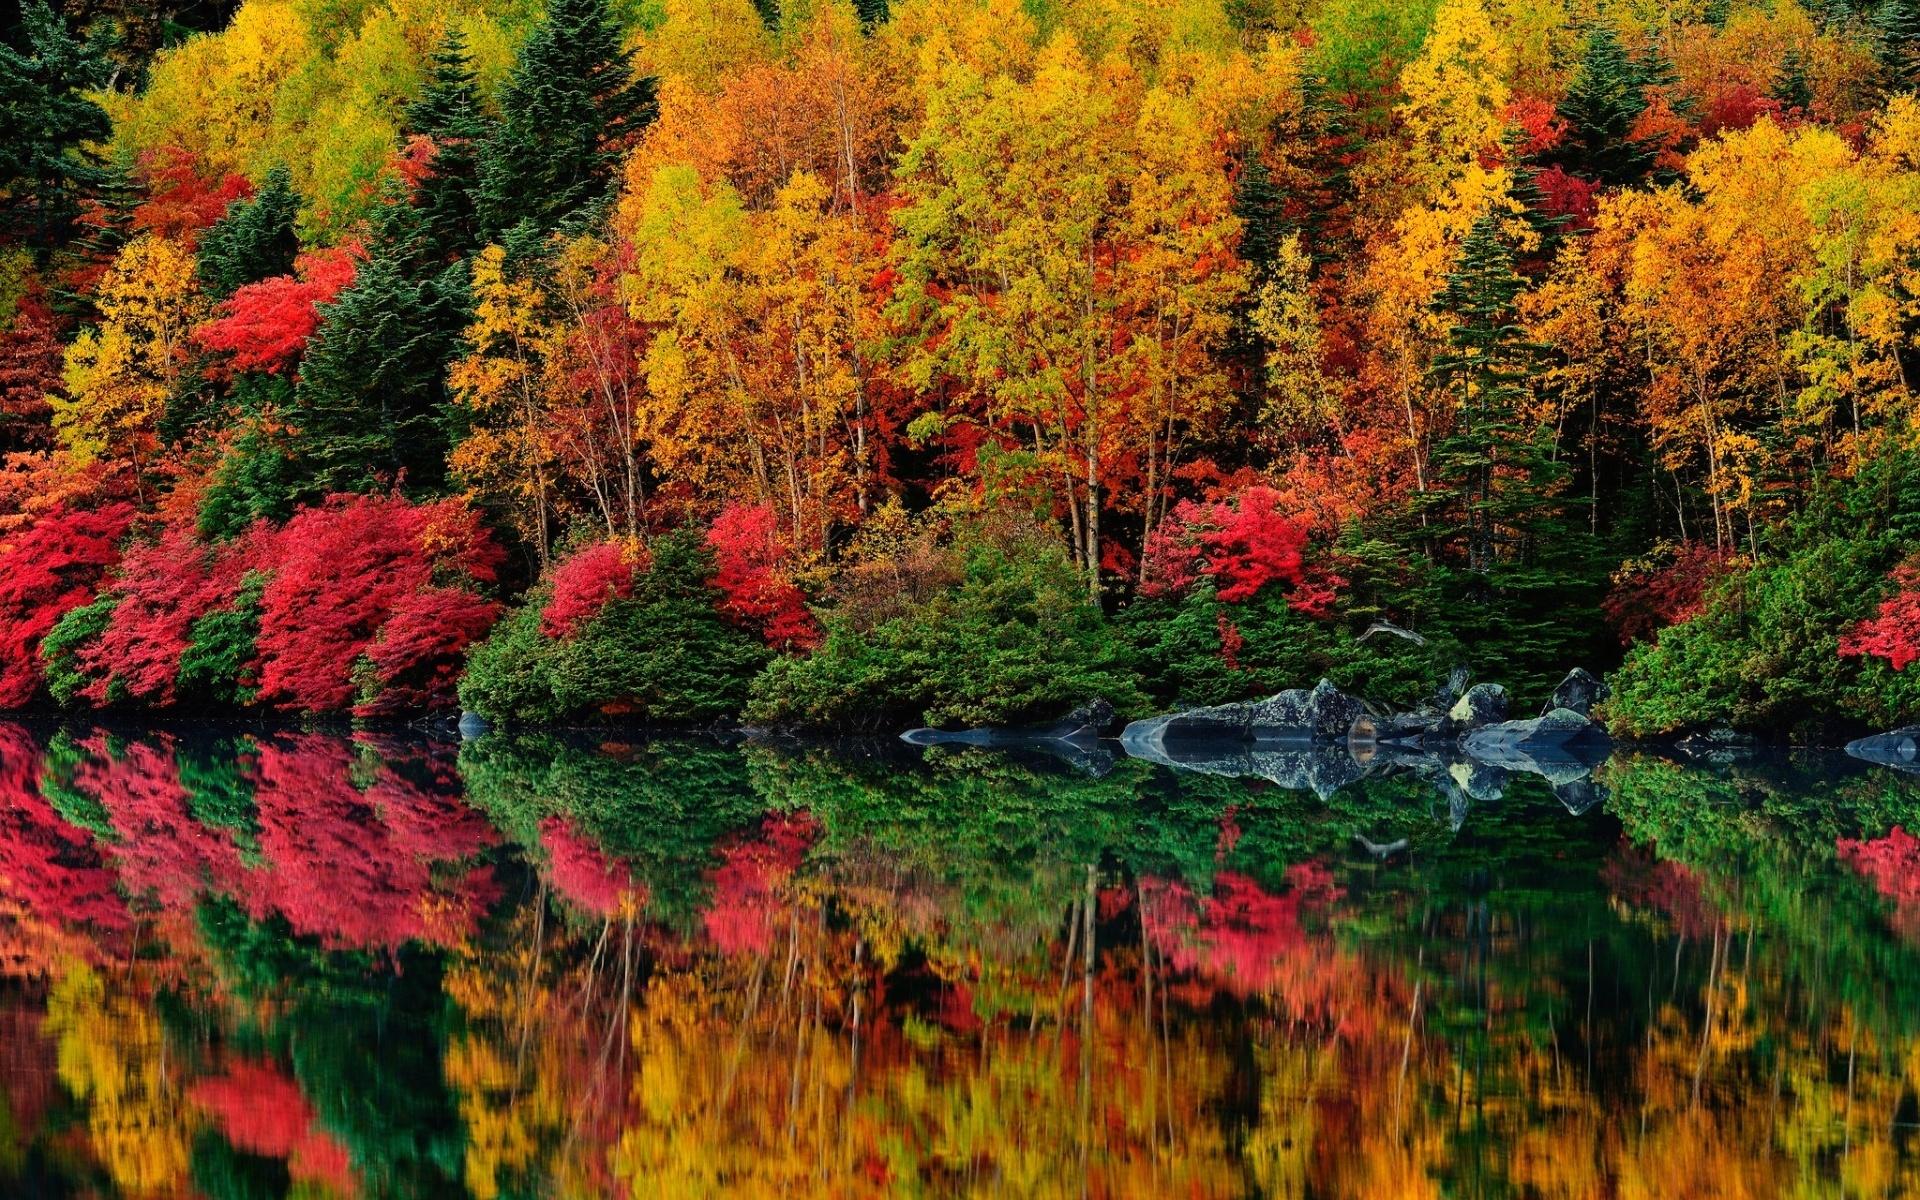 массовый яркие осенние картинки фото сам-то фотограф